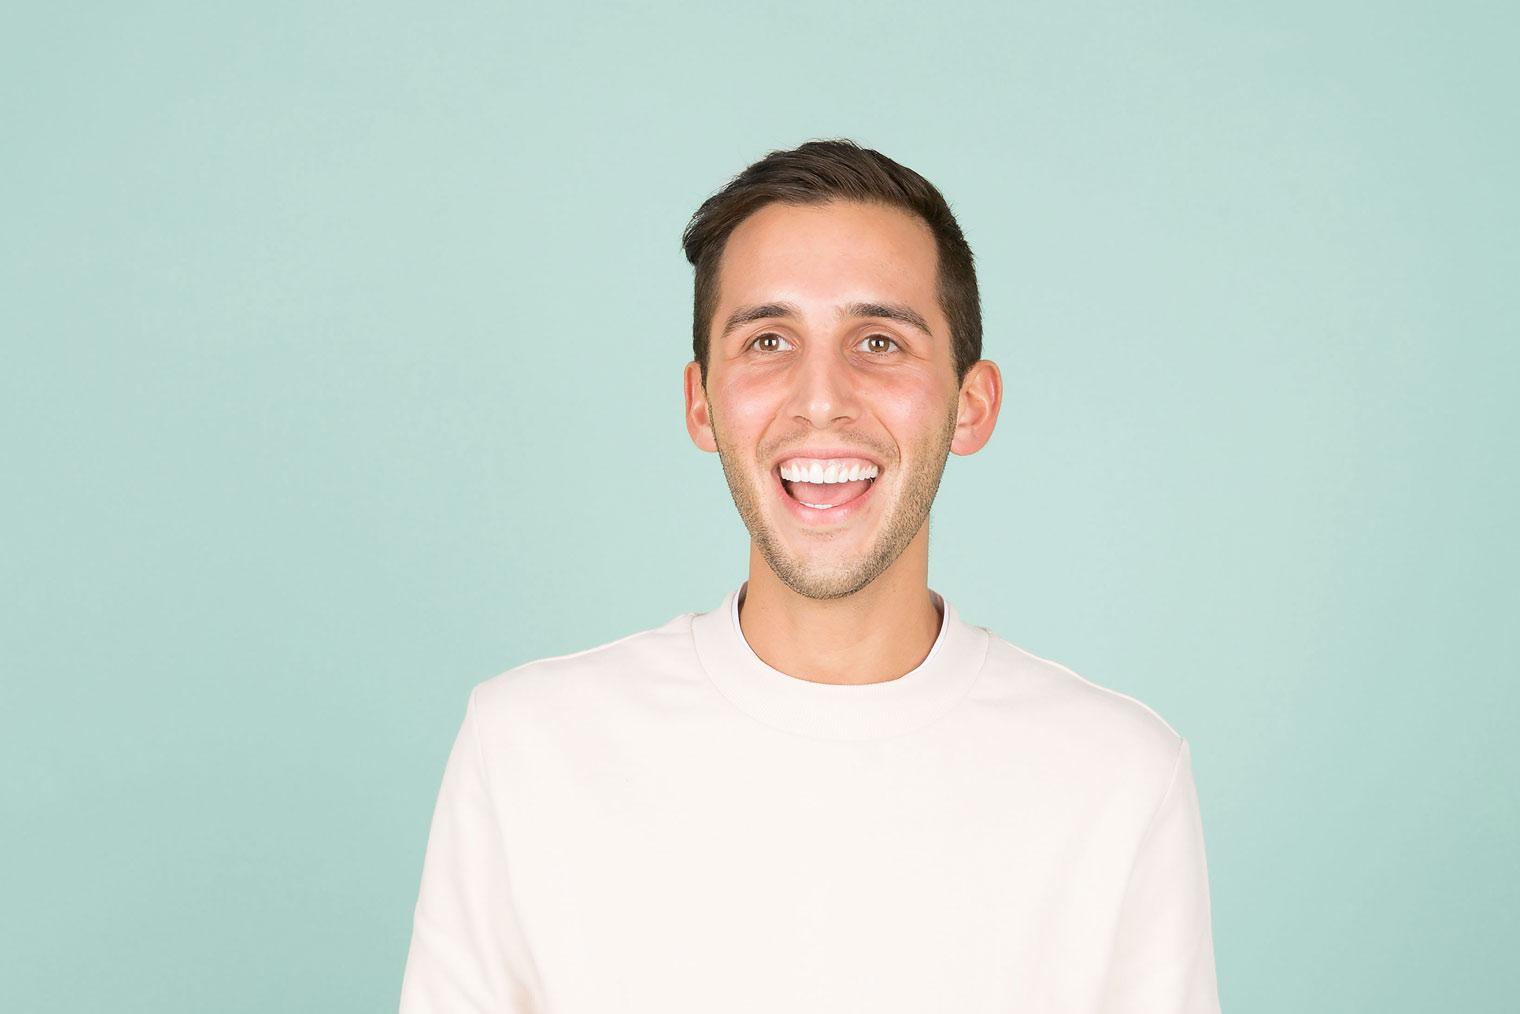 Mann i hvit genser som smiler